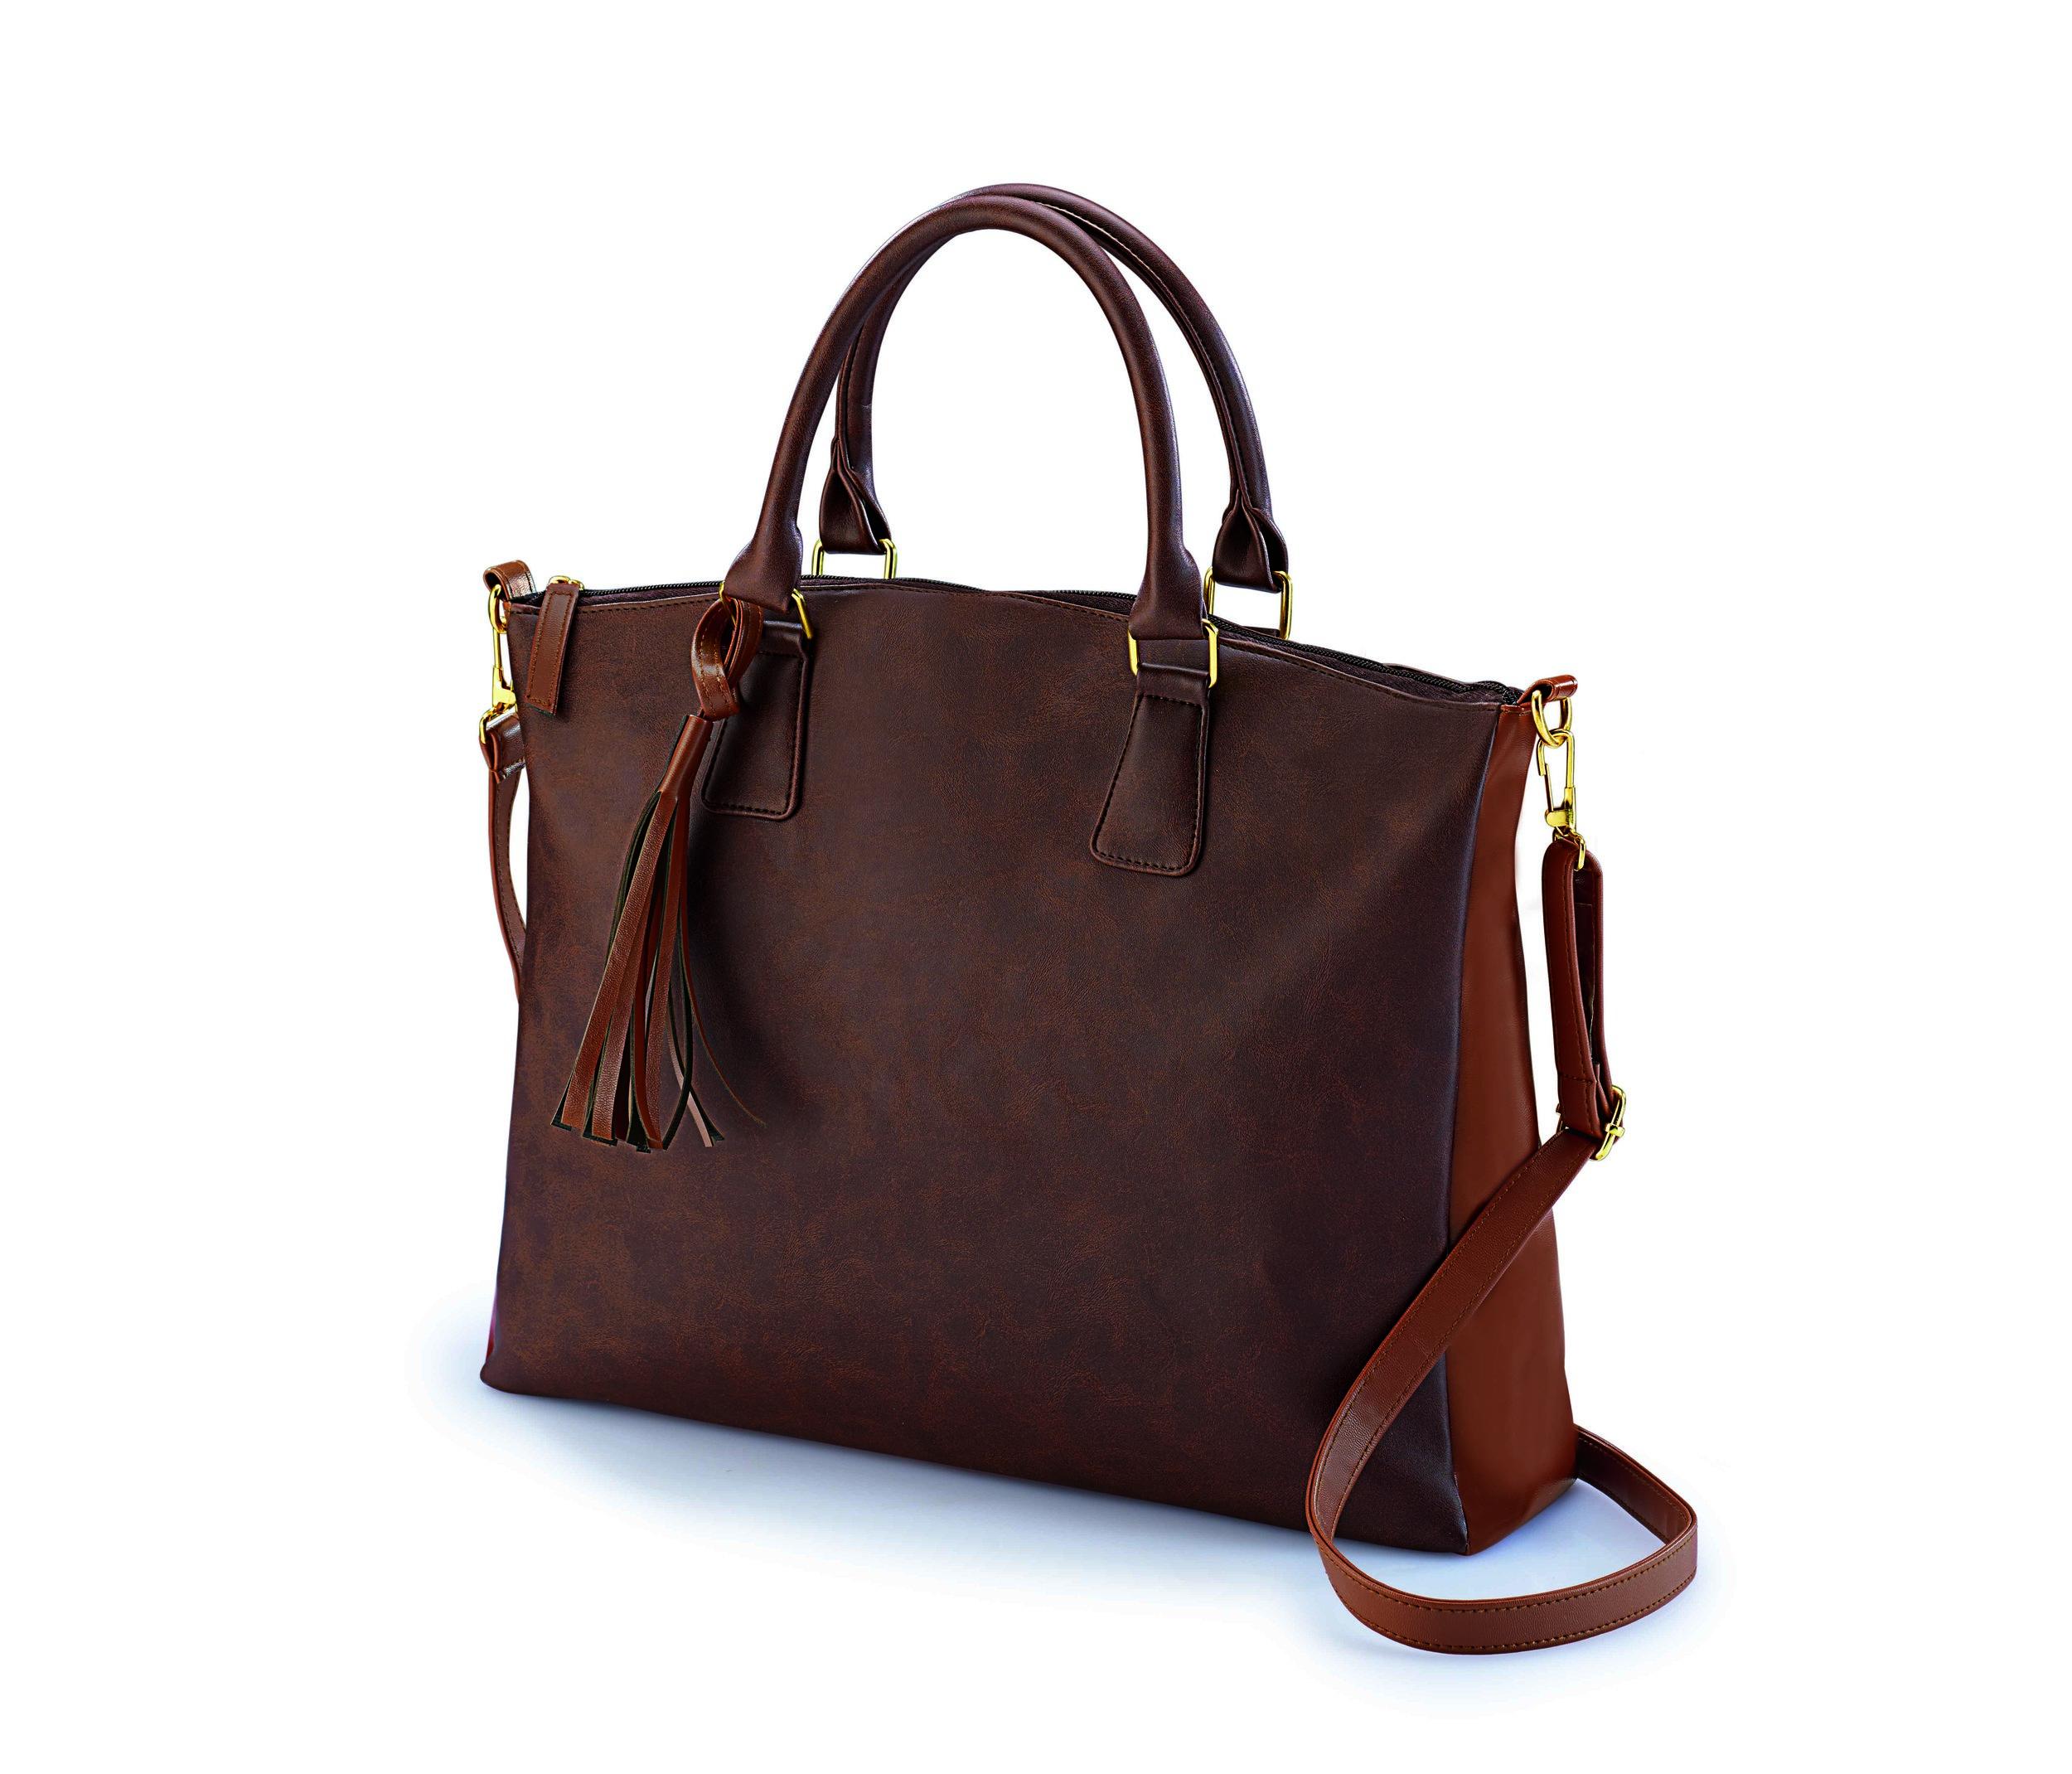 Avon Fashions x Angel Locsin Everyday Bag